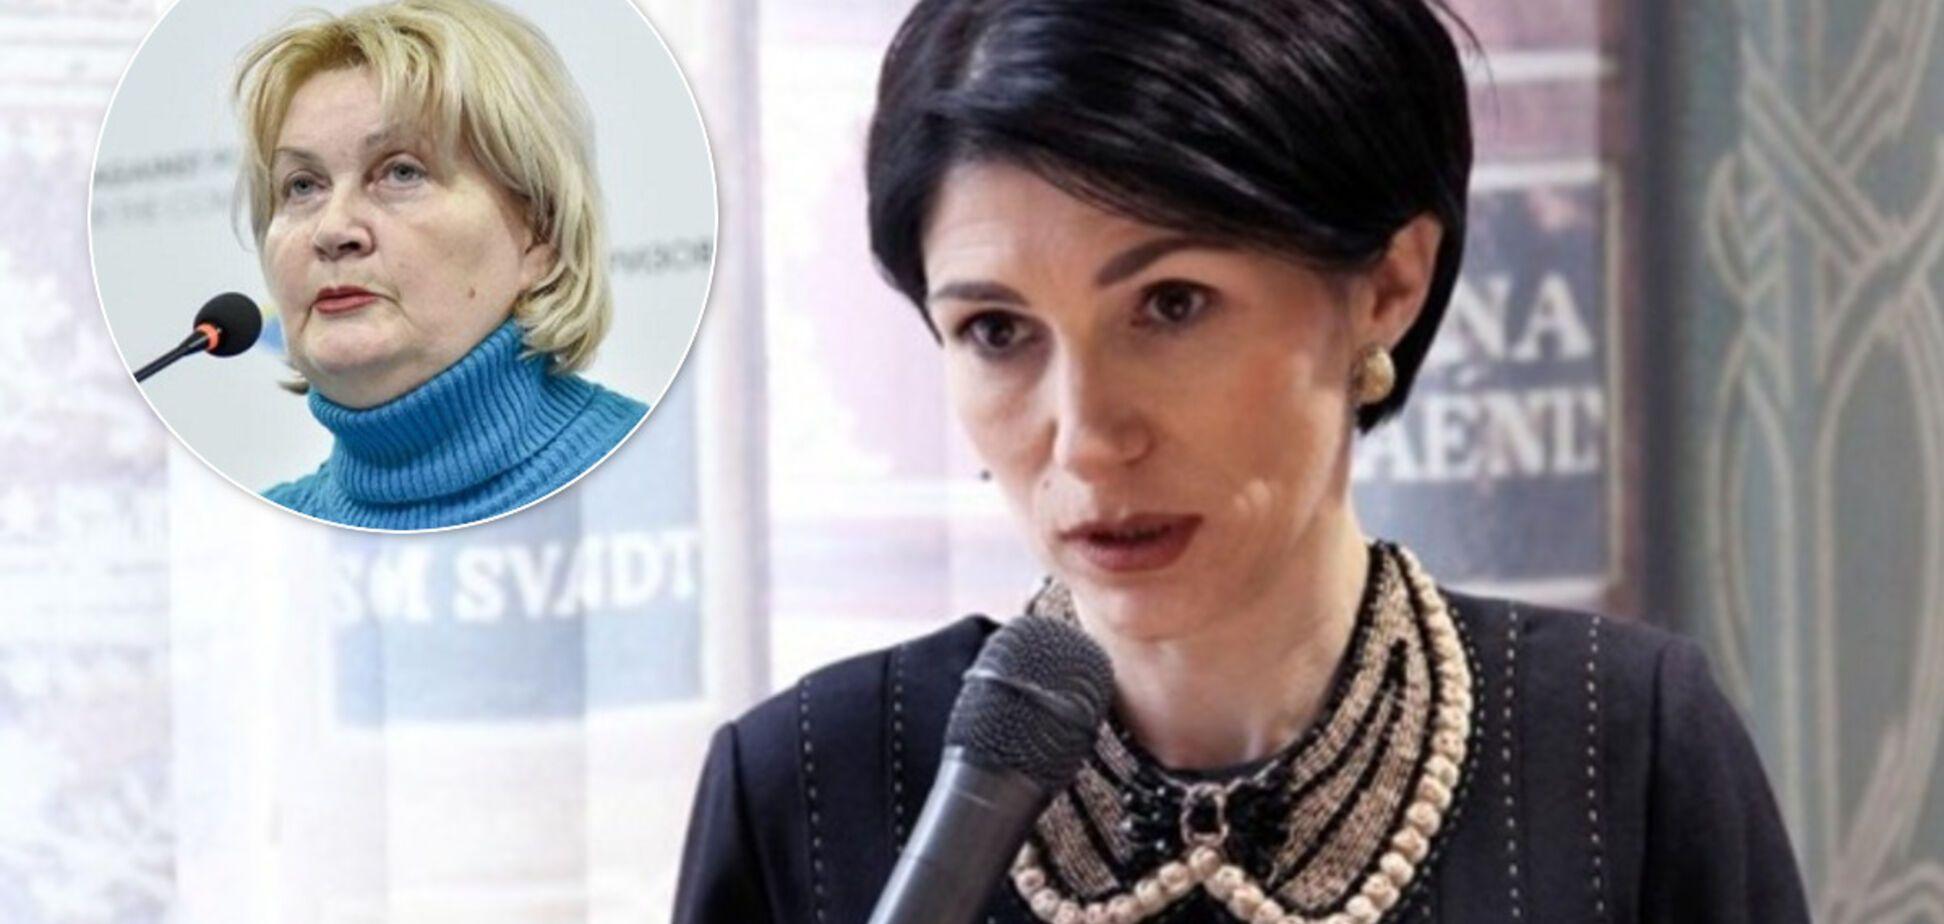 Кейс Катерини Кириленко: як використовувати звинувачення у плагіаті для особистих цілей і в підсумку попастися самій